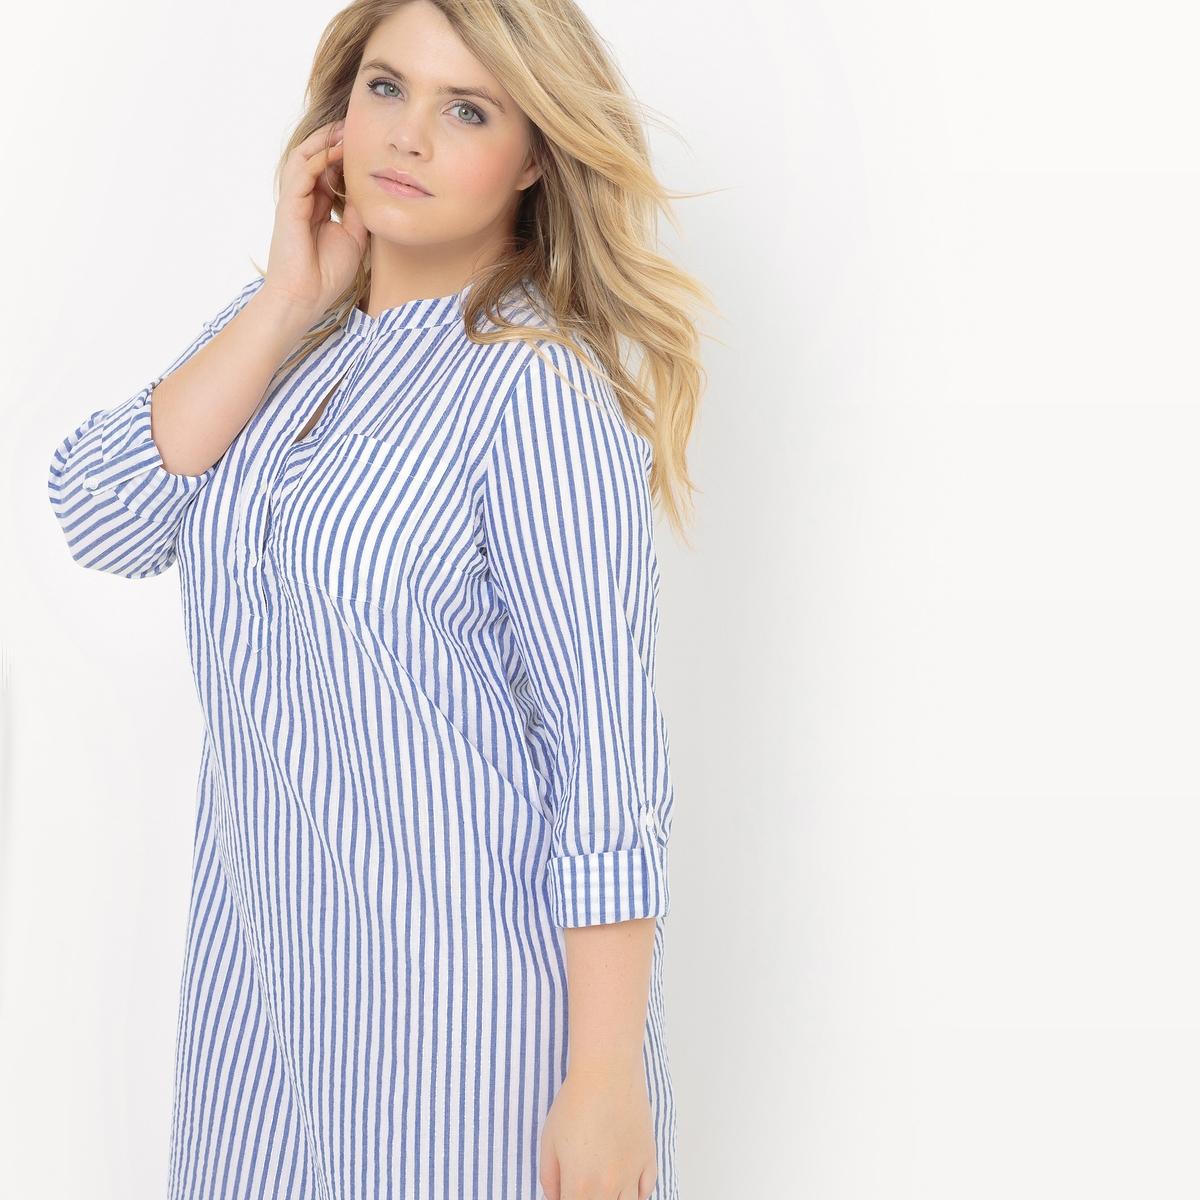 Платье-рубашка в полоску с длинными рукавамиСостав и описание :Материал : ткань в полоску 100 % хлопок.Длина посередине спинки 112 см, для размера 48.Марка : CASTALUNA..Уход : Машинная стирка при 30°.<br><br>Цвет: белый/ синий<br>Размер: 44 (FR) - 50 (RUS)